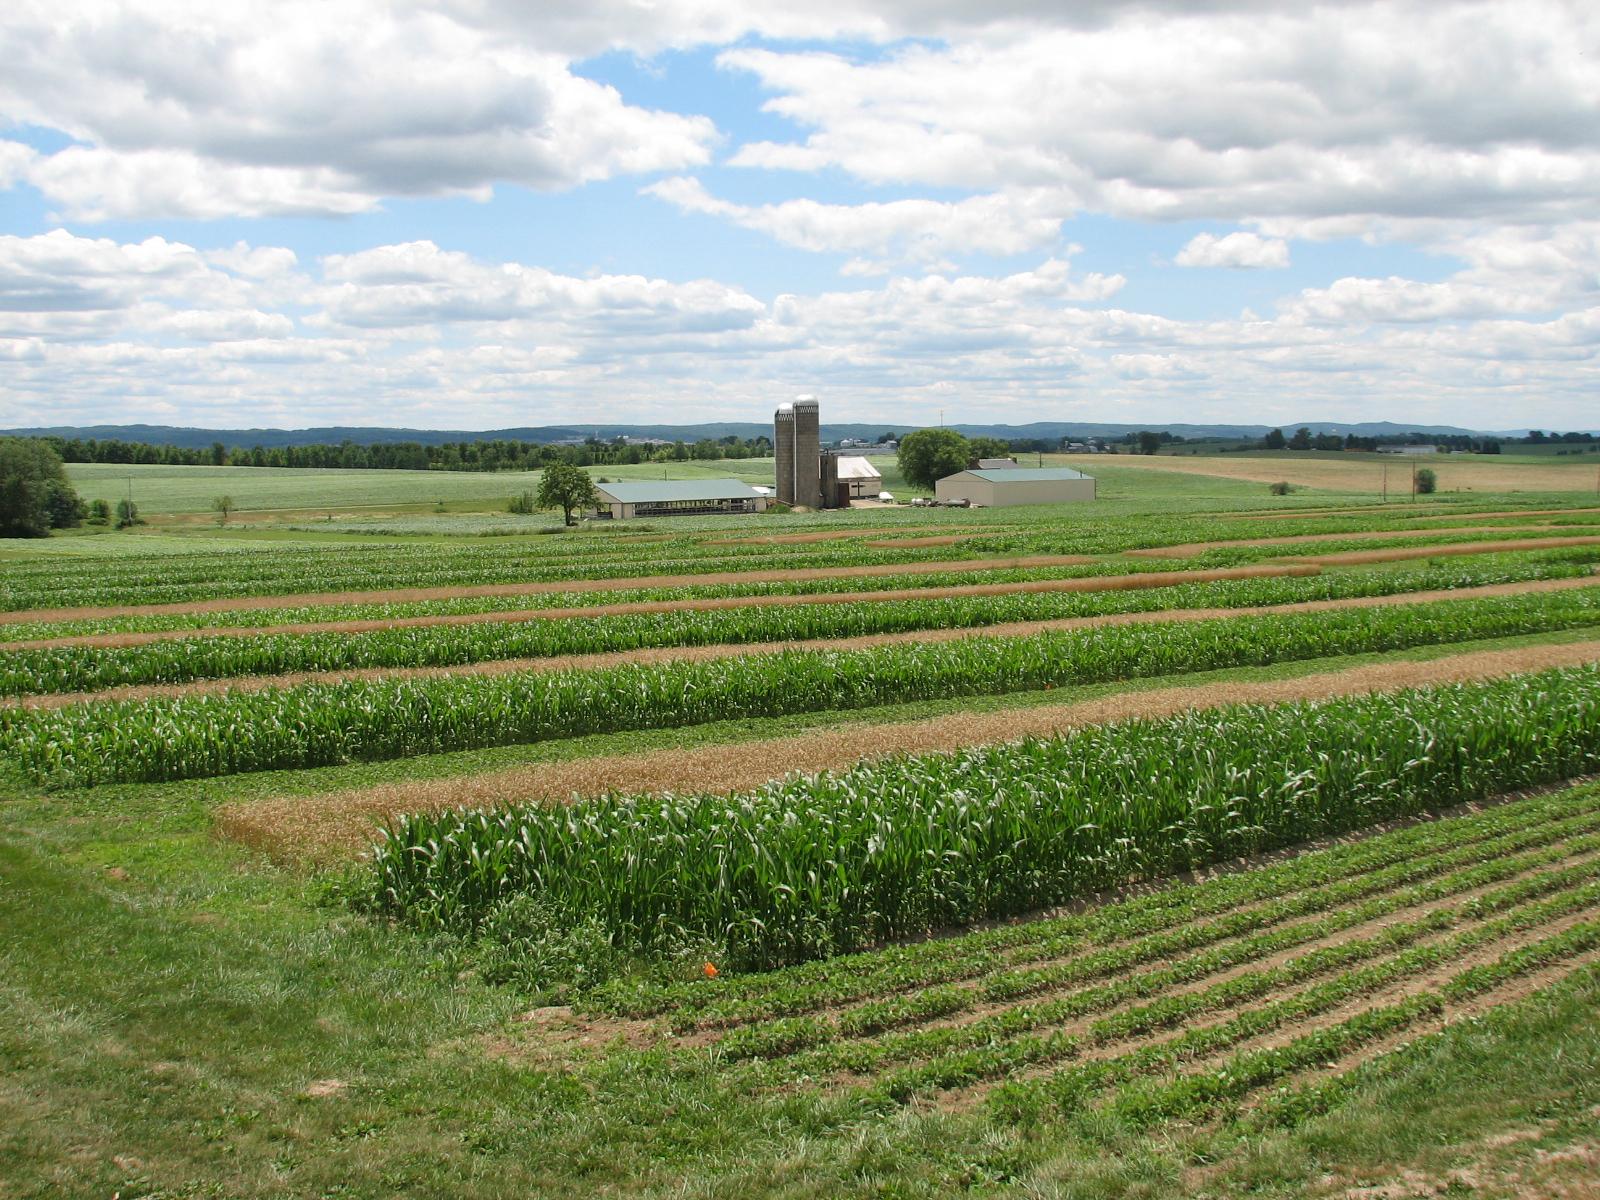 rodale farming systems fields